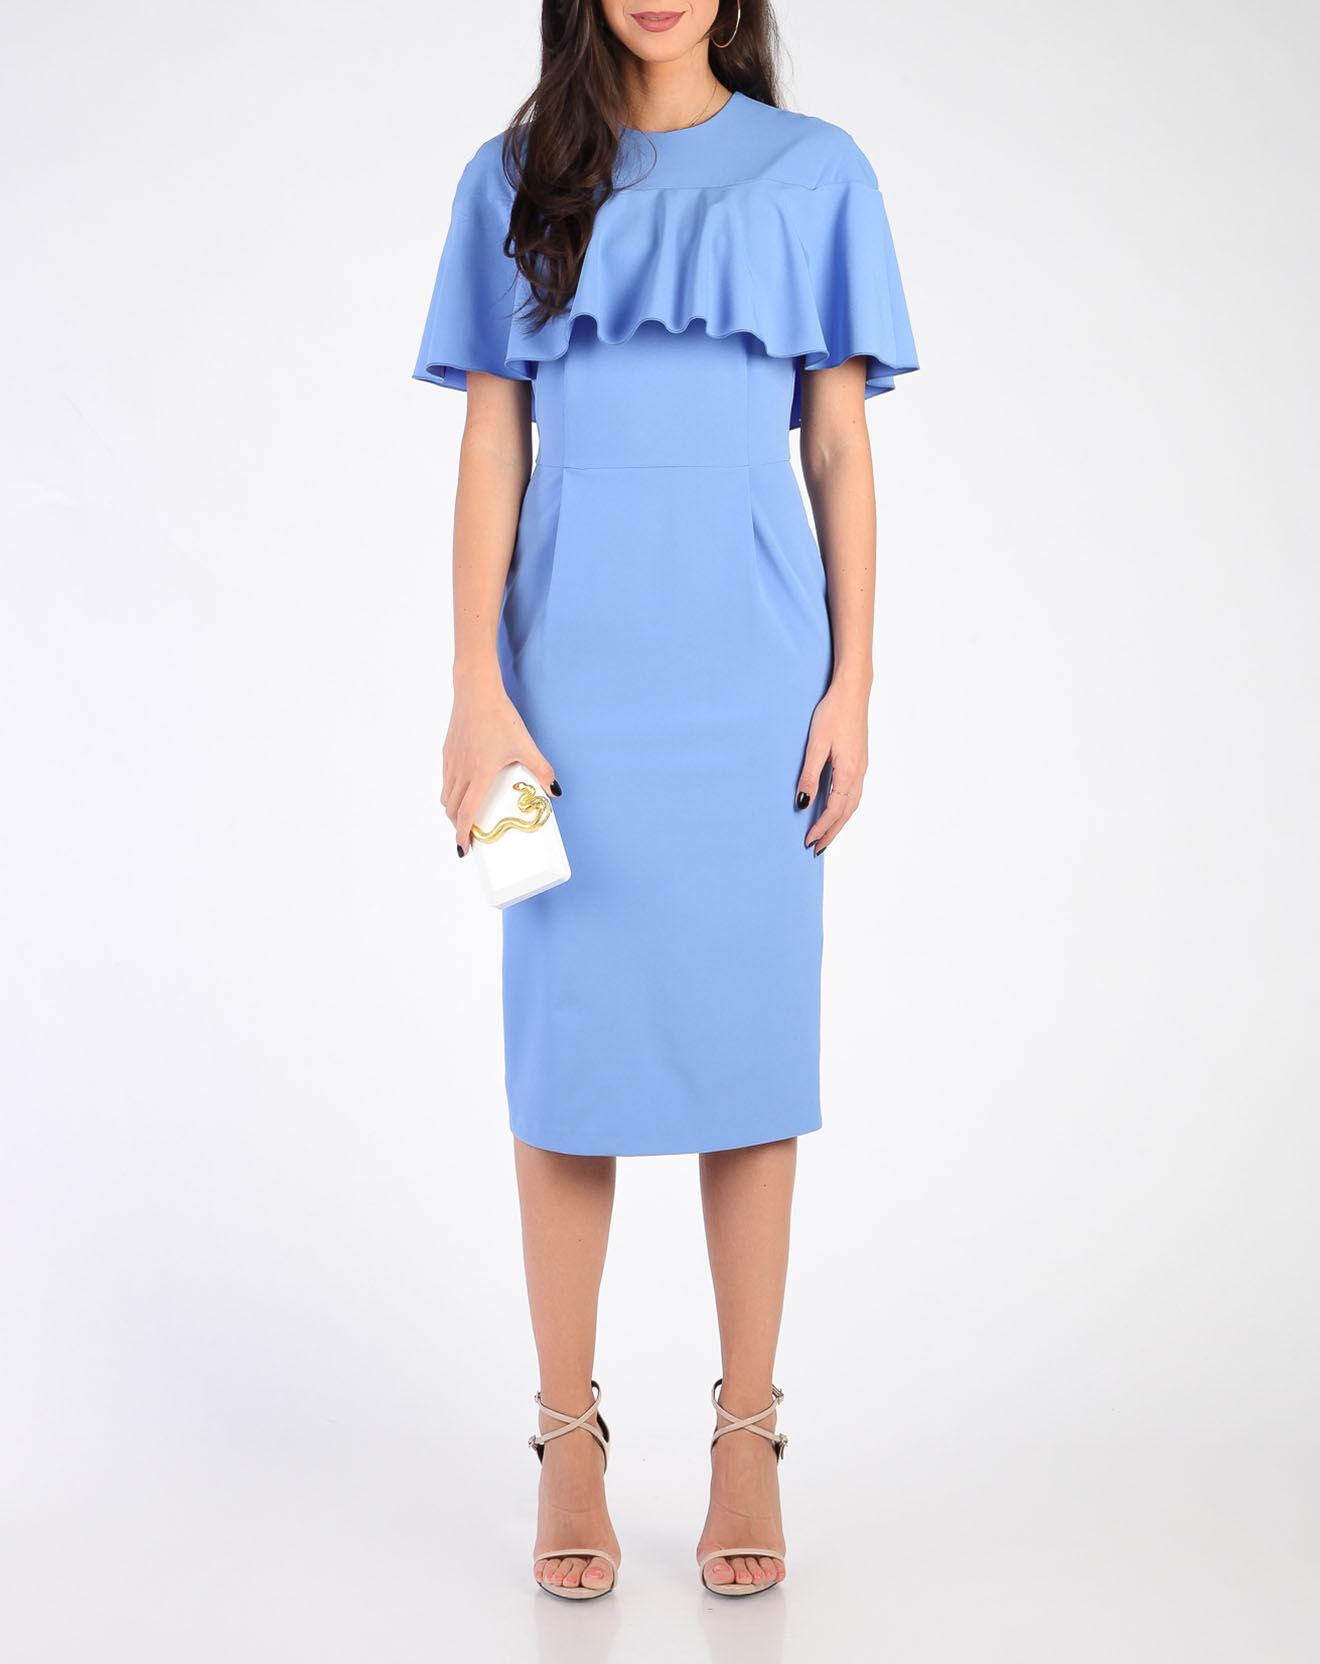 Robe Juliette bleue